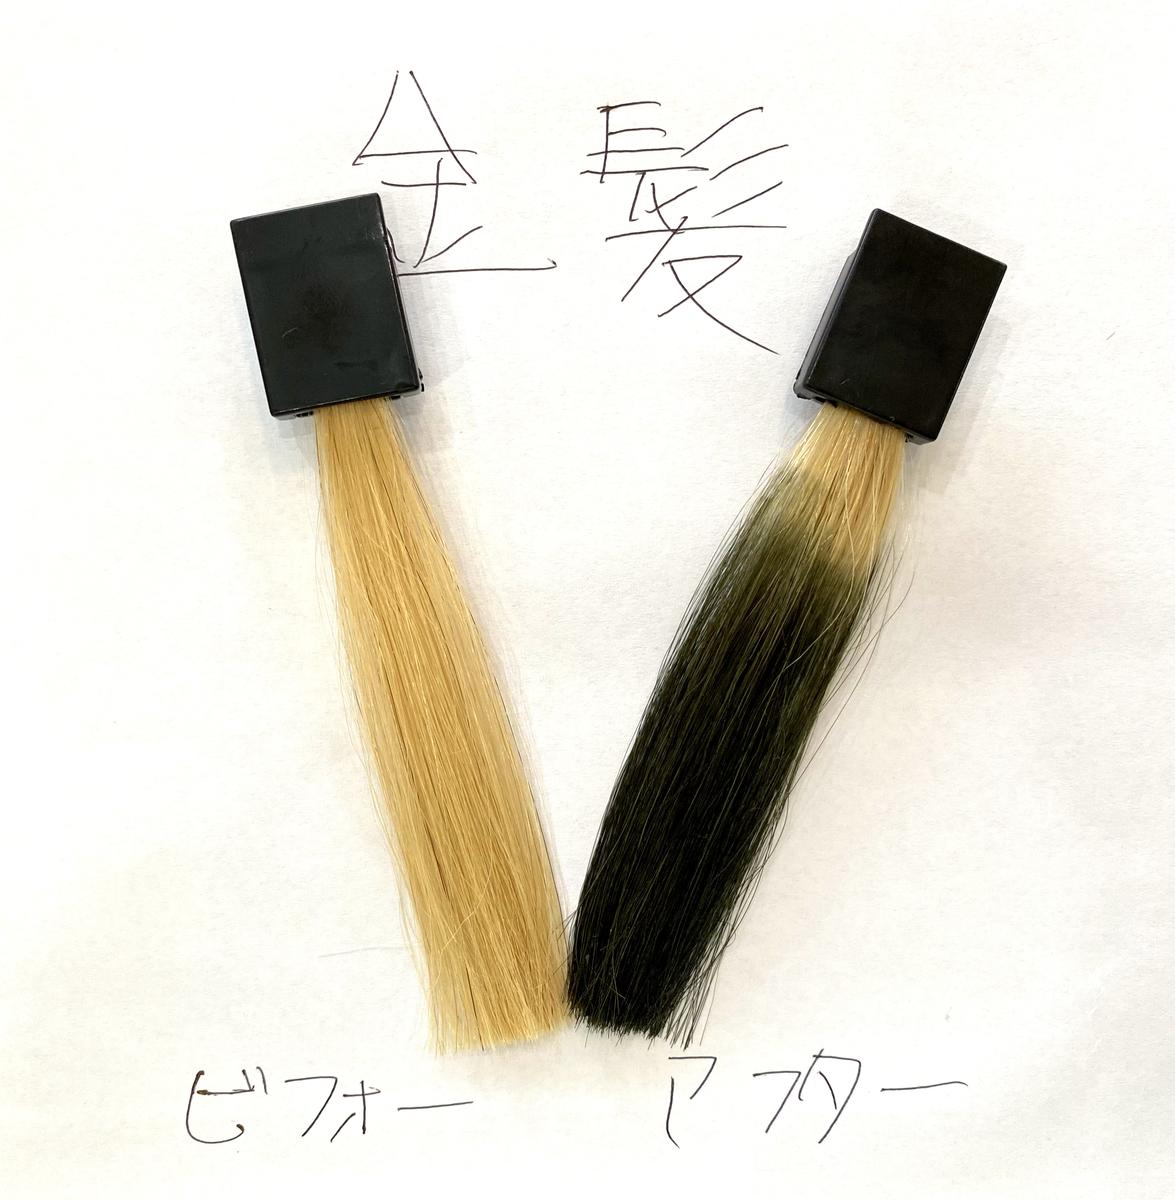 画面左が金髪で画面右が金髪にダークシルバーで染めた毛束